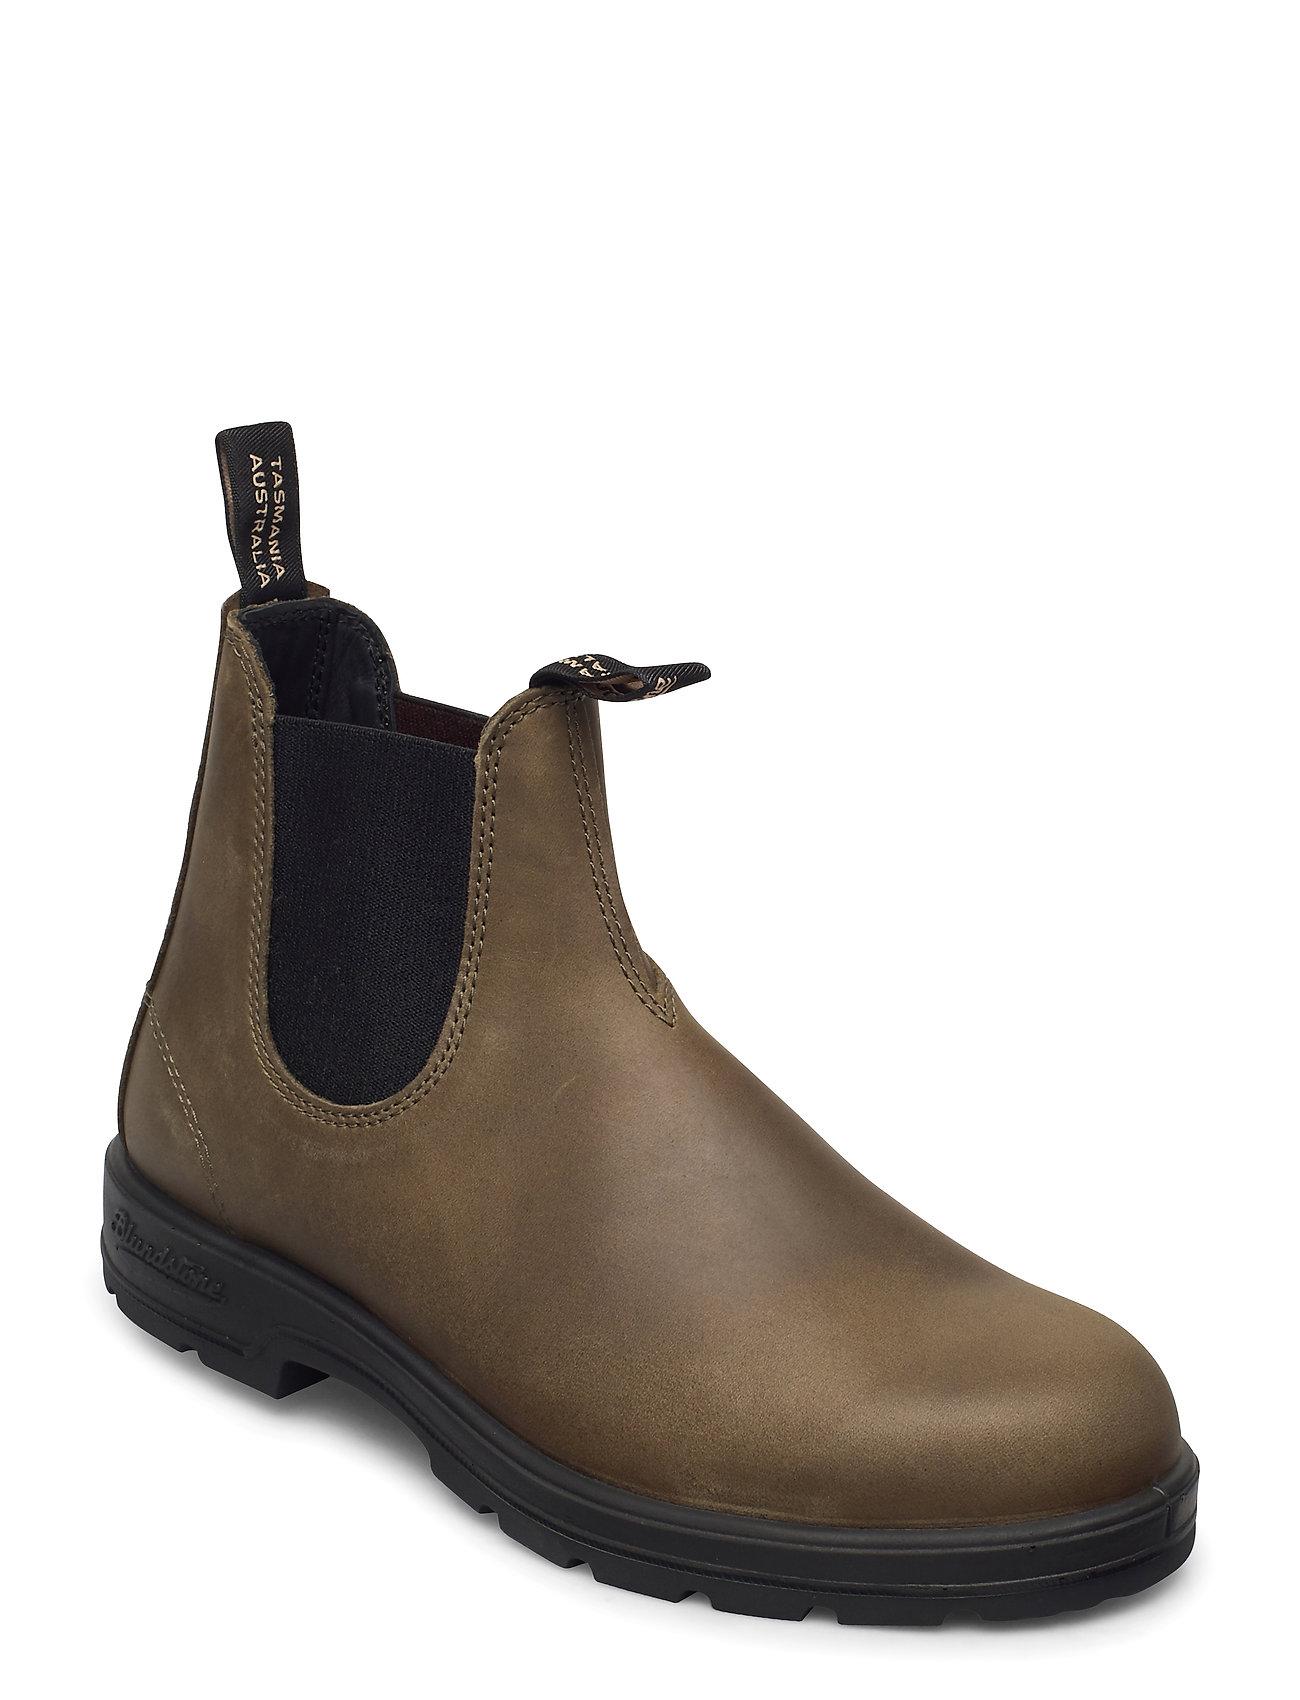 Image of Bl Elastic Sided Boot Lined Støvlet Chelsea Boot Grøn Blundst (3452234325)